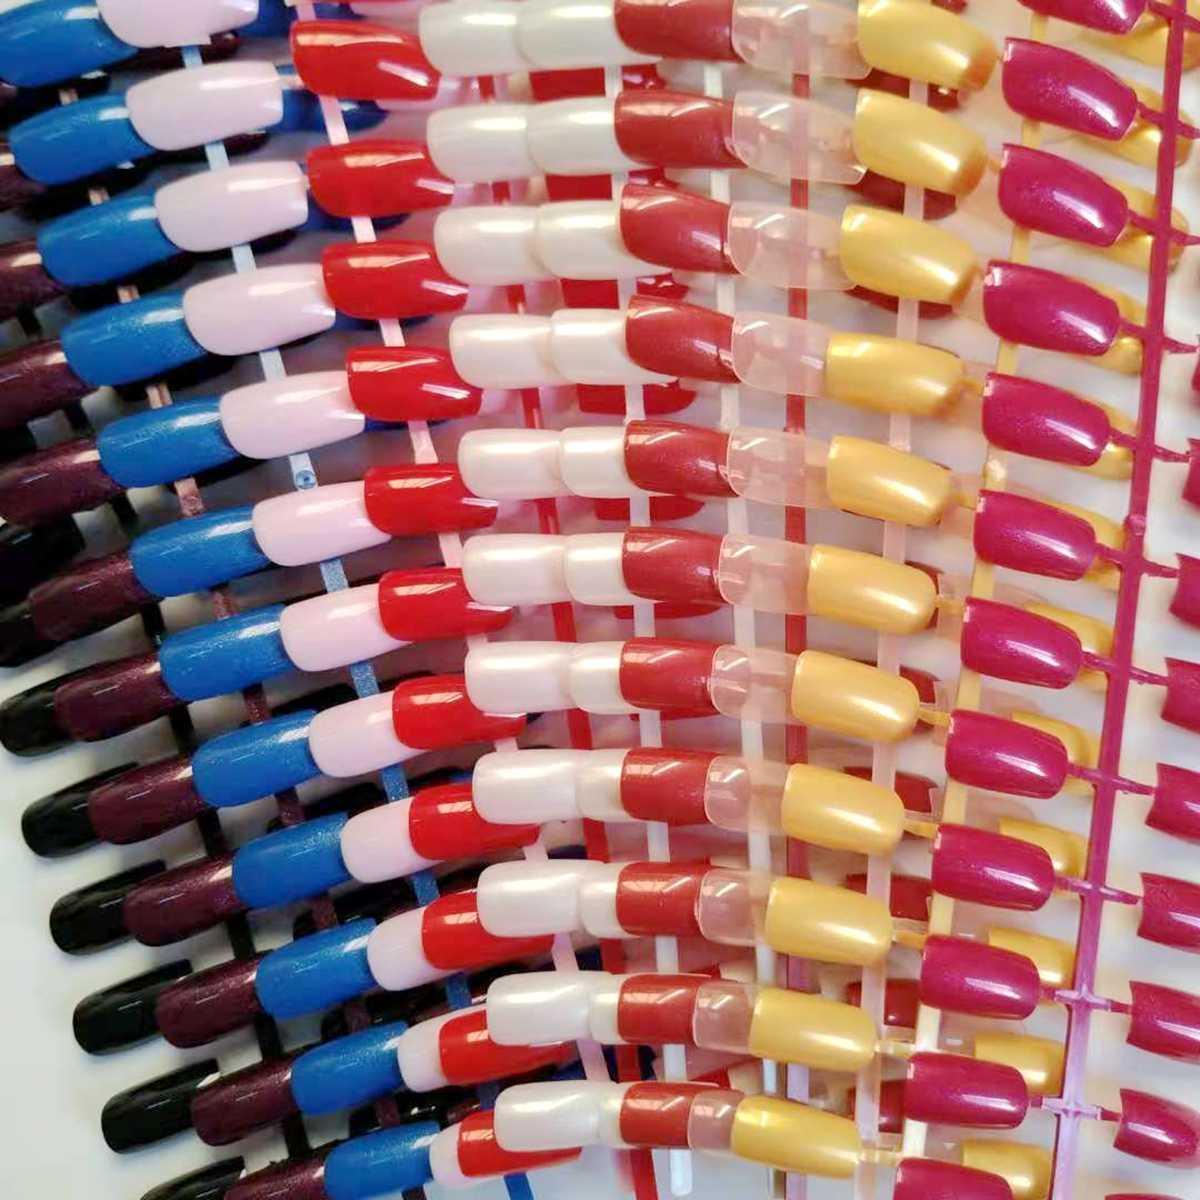 24 قطعة الأظافر موضة بيضاء كاذبة لامعة أظافر صناعية وهمية طويلة الحجم سيدة الأظافر للإصبع لتقوم بها بنفسك صالون الأظافر الديكور